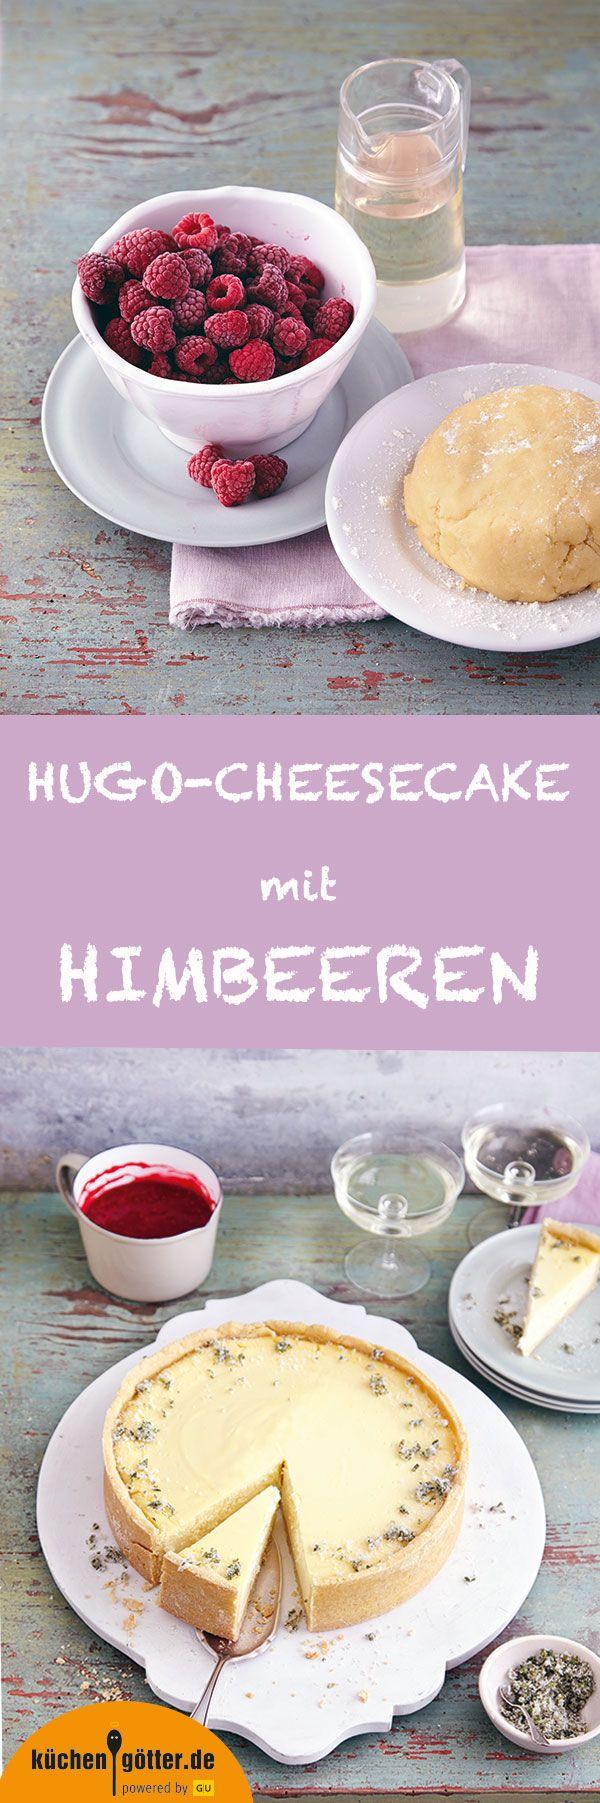 Hier kommt große Konkurrenz für den New York Cheesecake: unsere Rezept für Hugo-Cheesecake mit Himbeeren. Denn eines ist doch ganz klar: Was als Cocktail begeistert, schmeckt auch als Kuchen einfach hinreißend.